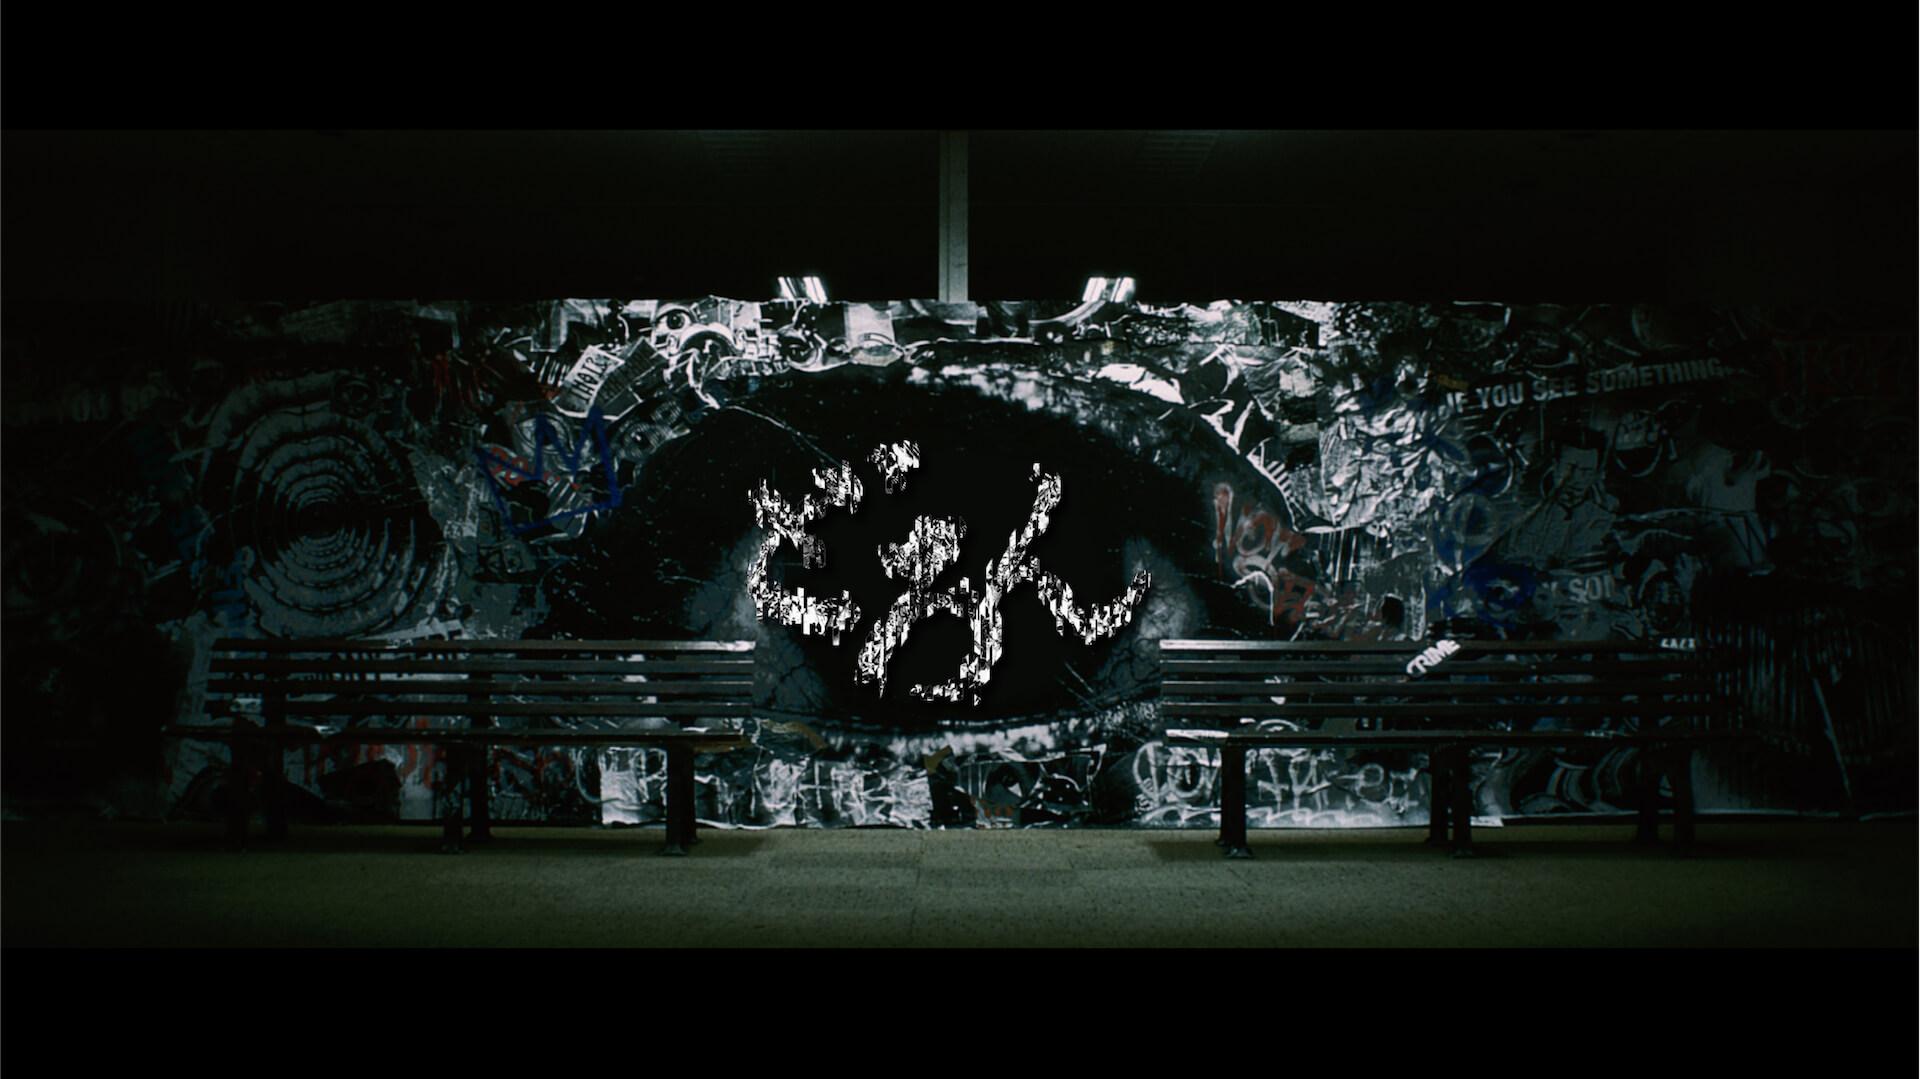 King Gnu『CEREMONY』収録の「どろん」MVを明日プレミア公開!劇場版『スマホを落としただけなのに』主題歌 music200213_kinggnu_mv_2